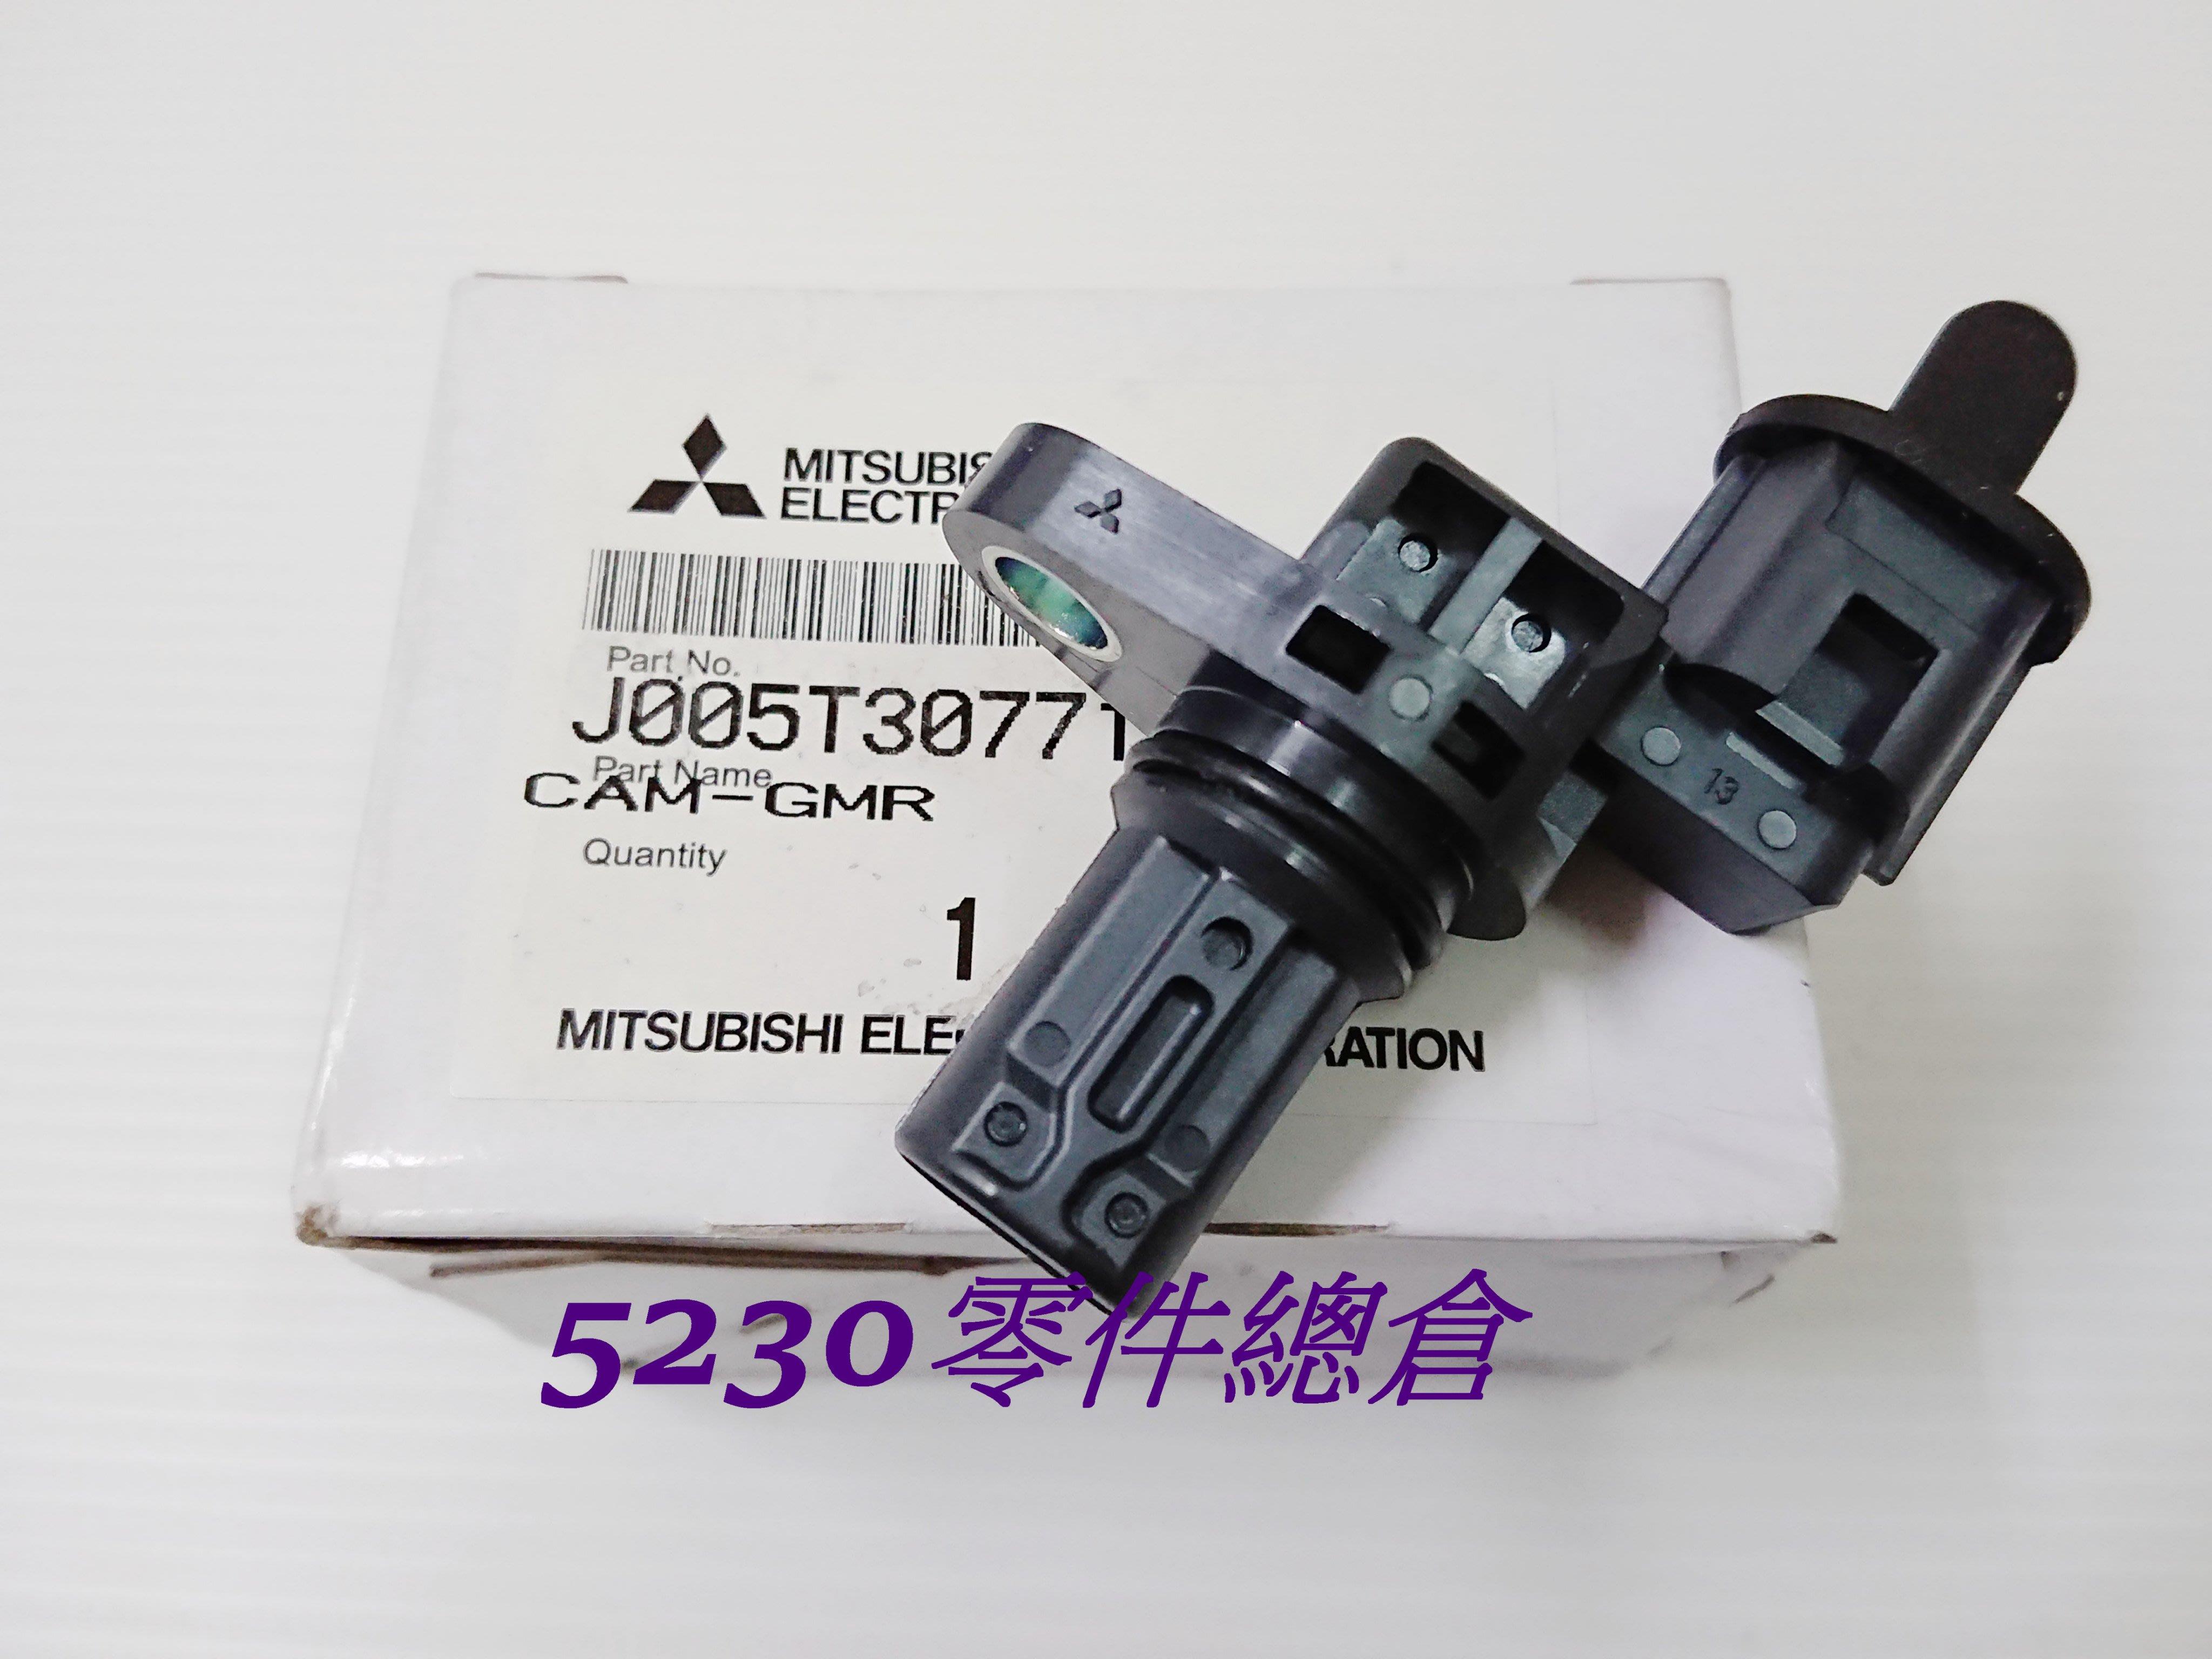 正廠日本三菱電裝  SAVRIN 2.4 偏心軸感知器 凸輪軸感知器